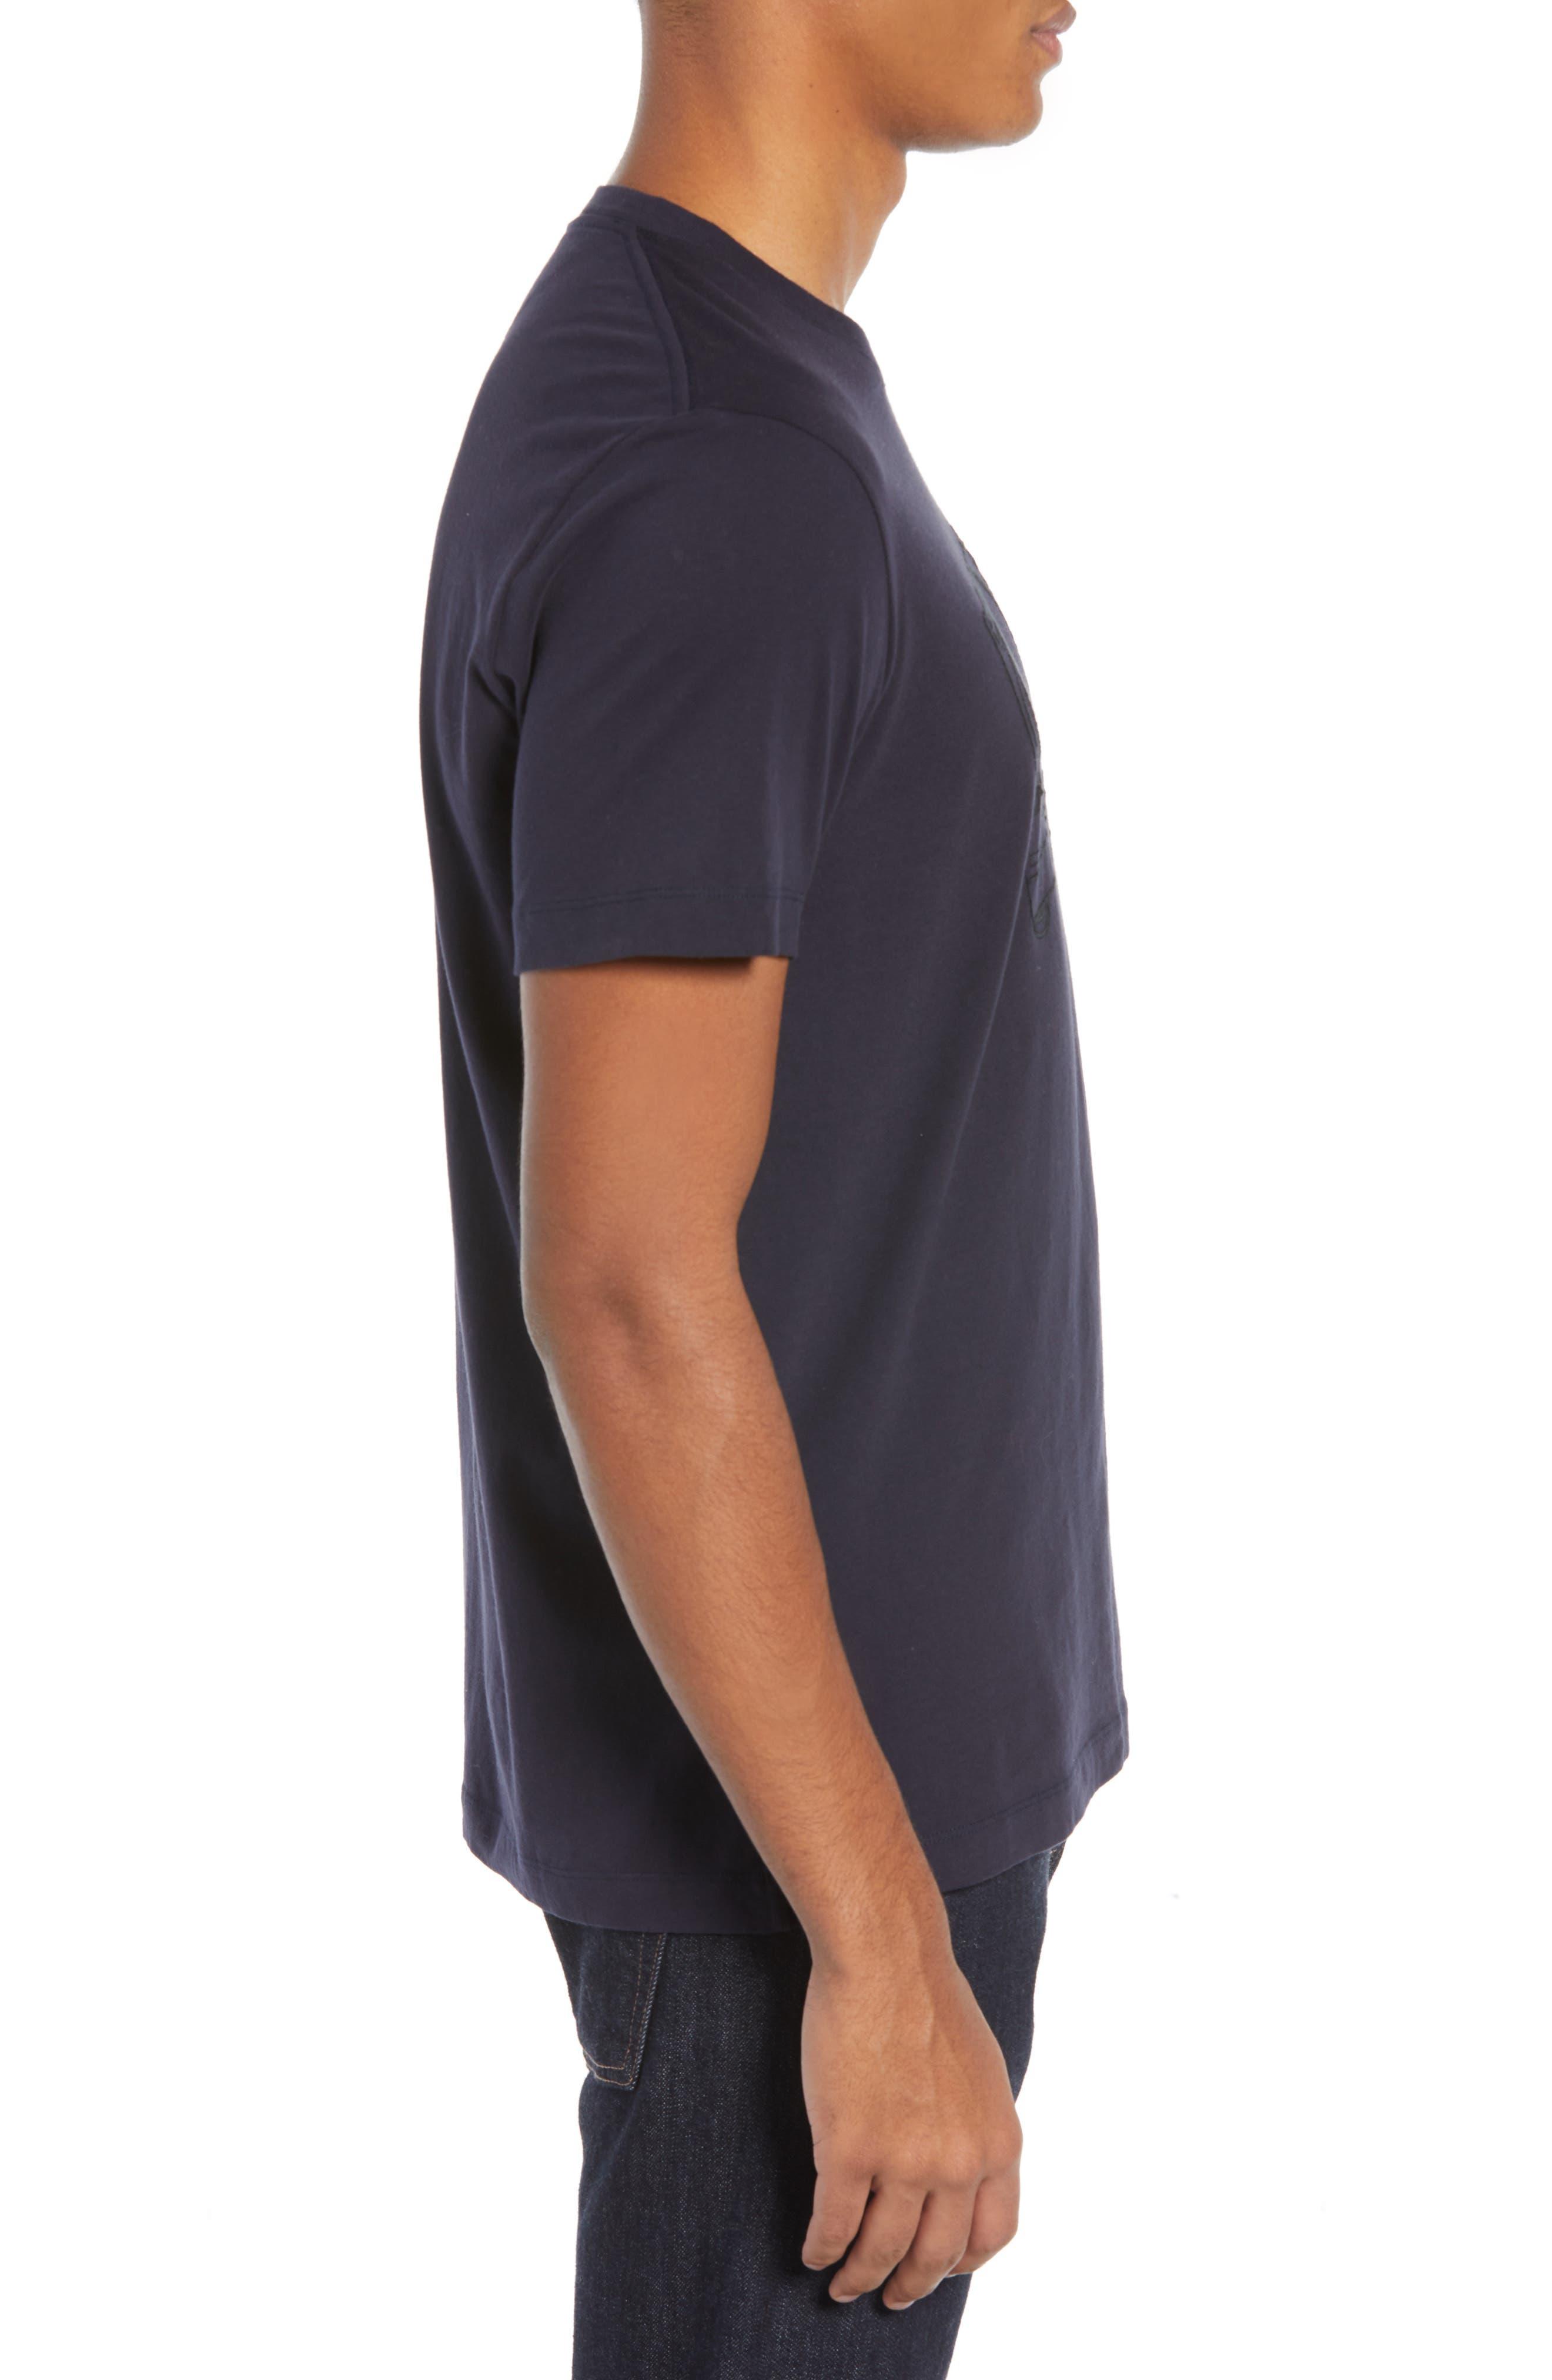 Decks Regular Fit Cotton T-Shirt,                             Alternate thumbnail 3, color,                             UTILITY BLUE BLACK